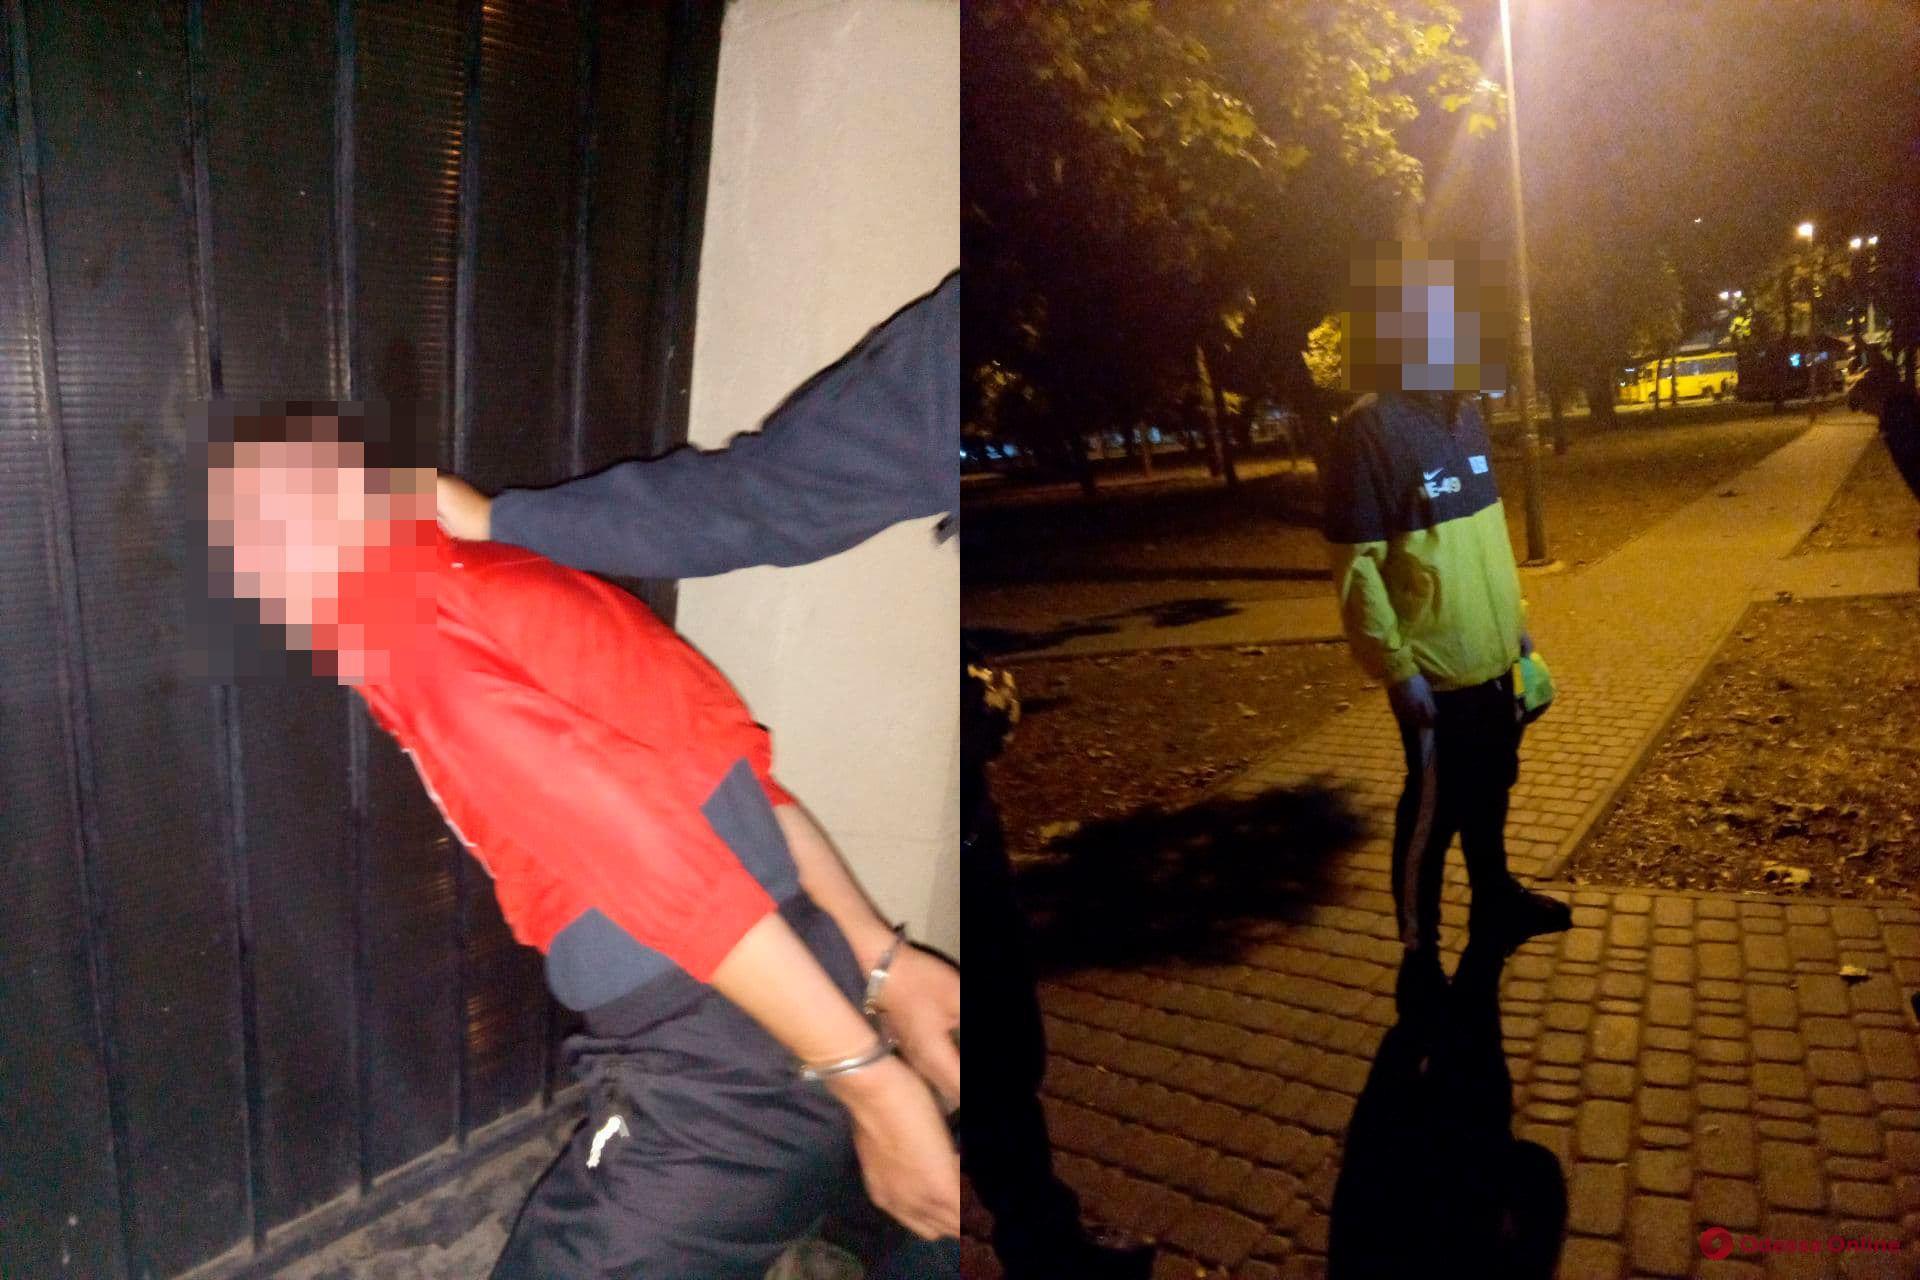 В Старосенном сквере двое мужчин избили и ограбили прохожего